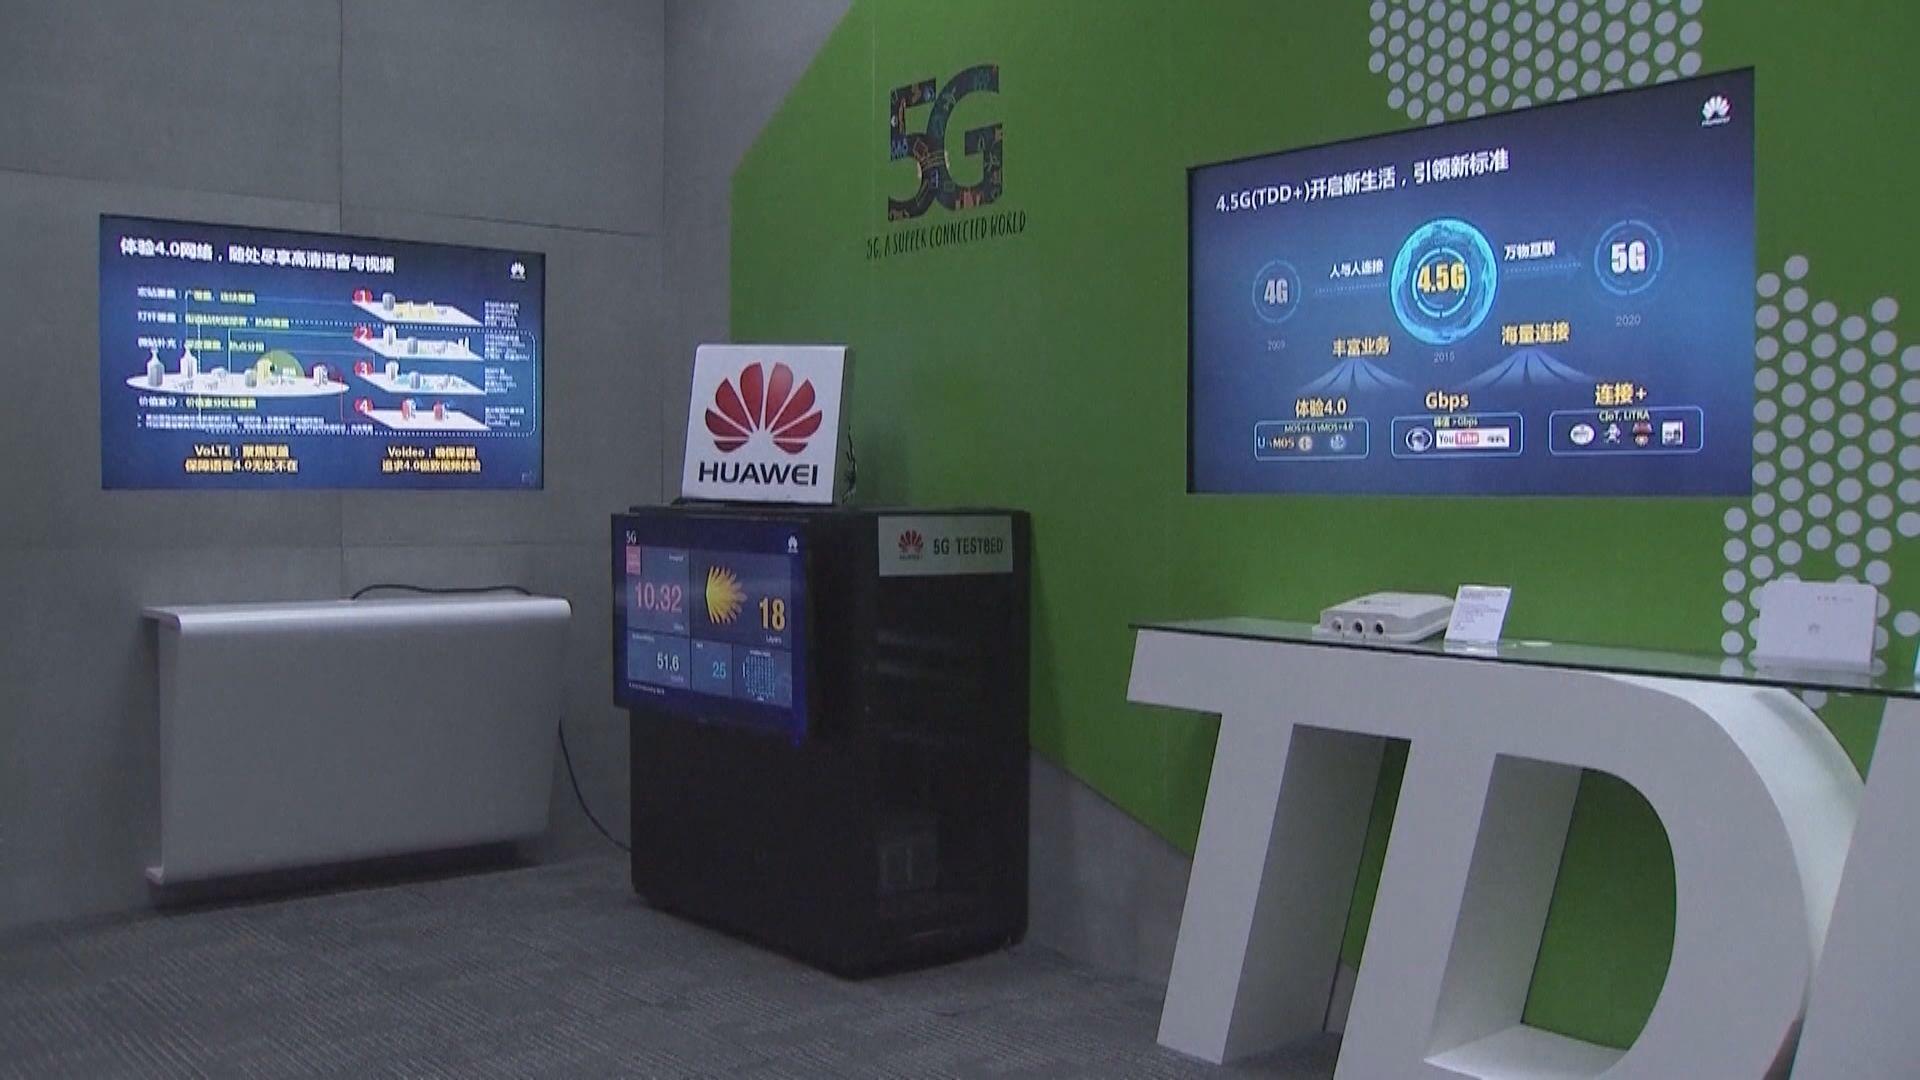 約翰遜稱審慎考慮華為參與5G網絡建設角色